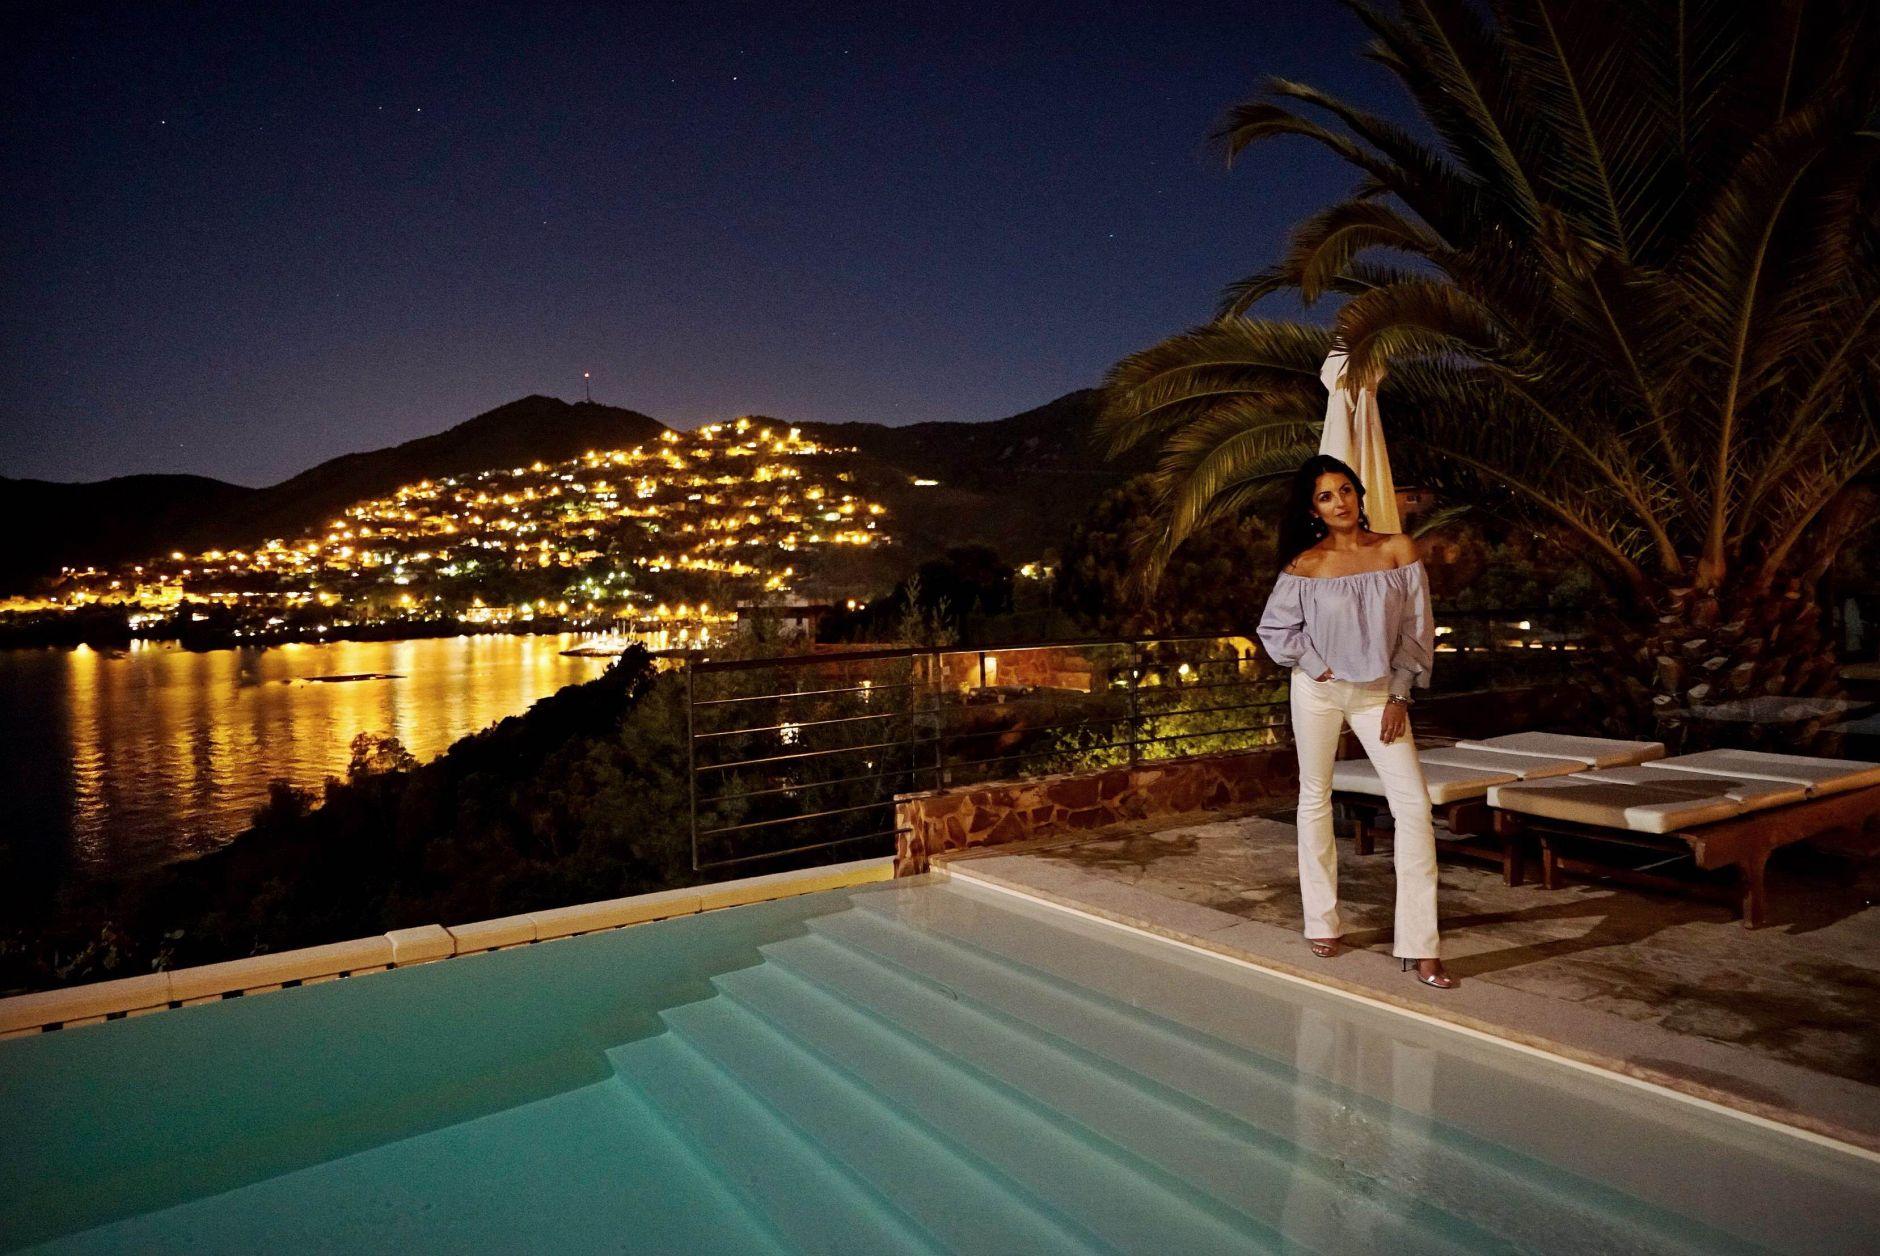 05travel-lifestyle-hotel-tiara-yaktsa-cote-dazur-disi-couture